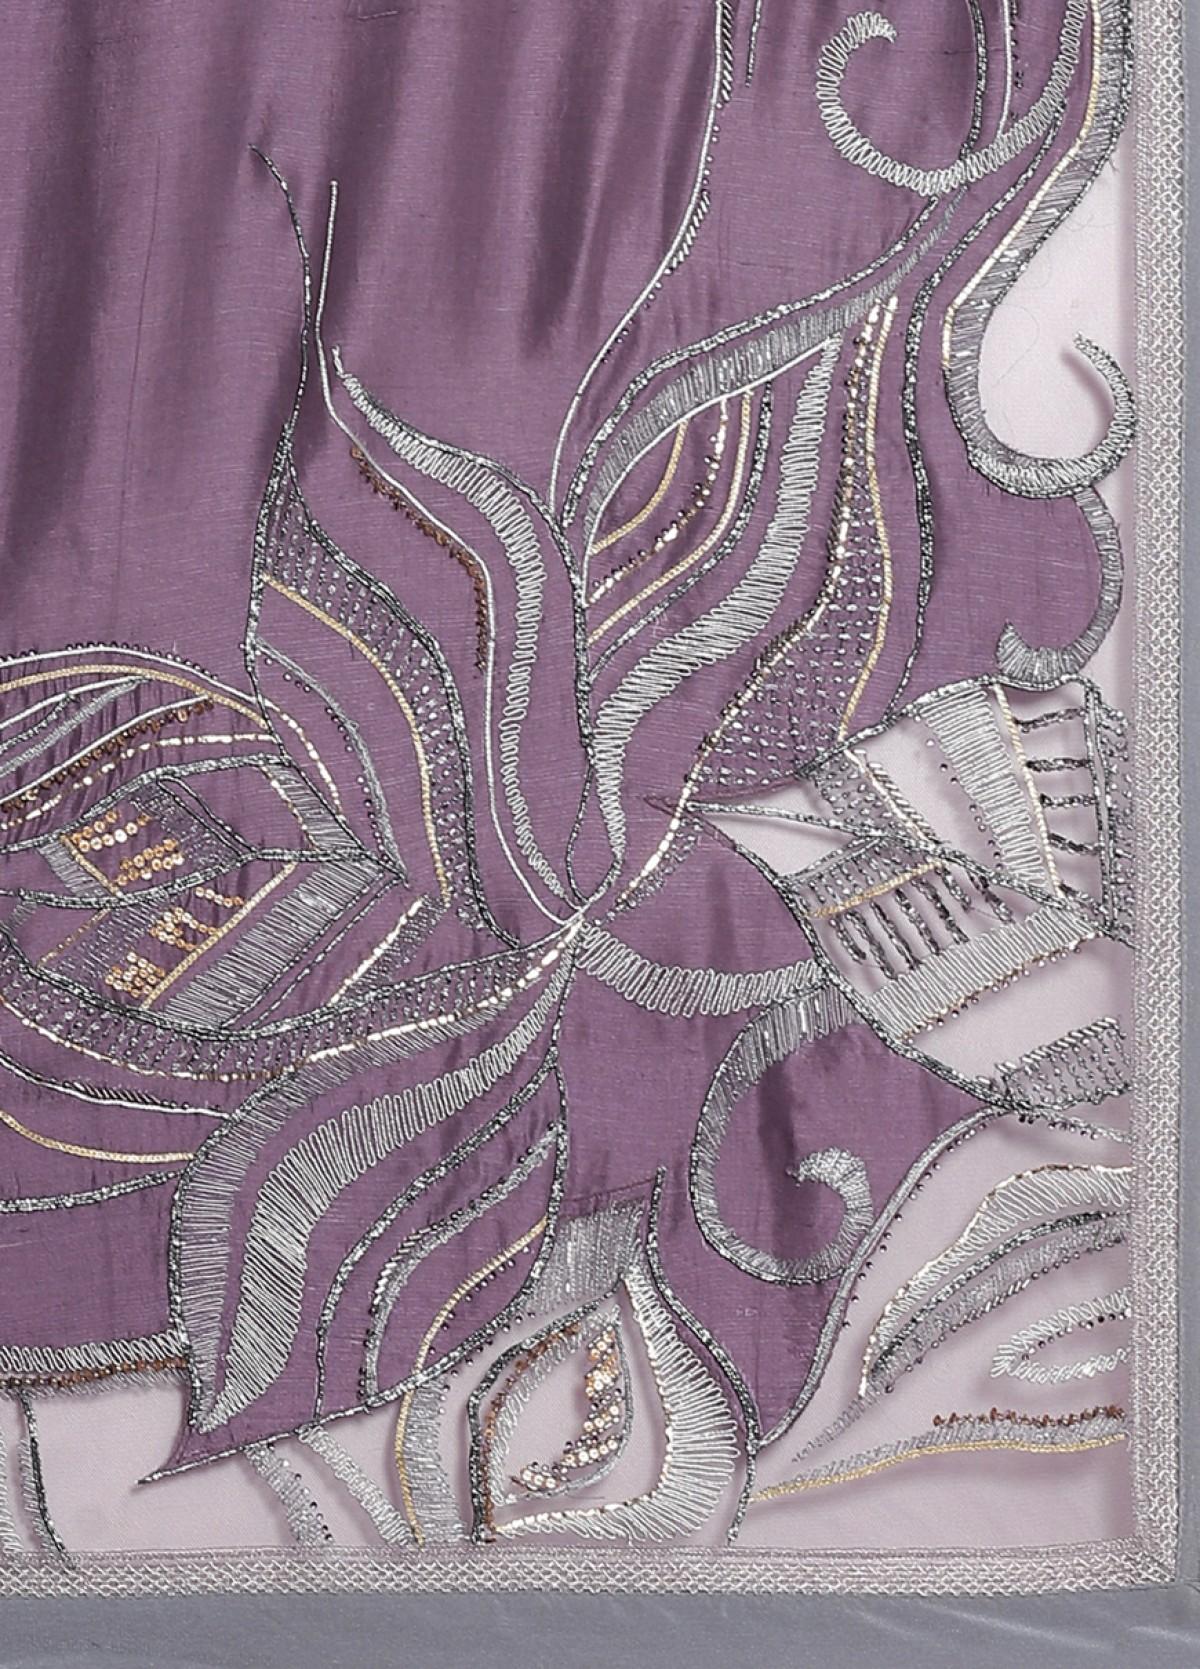 The Tarang Sari